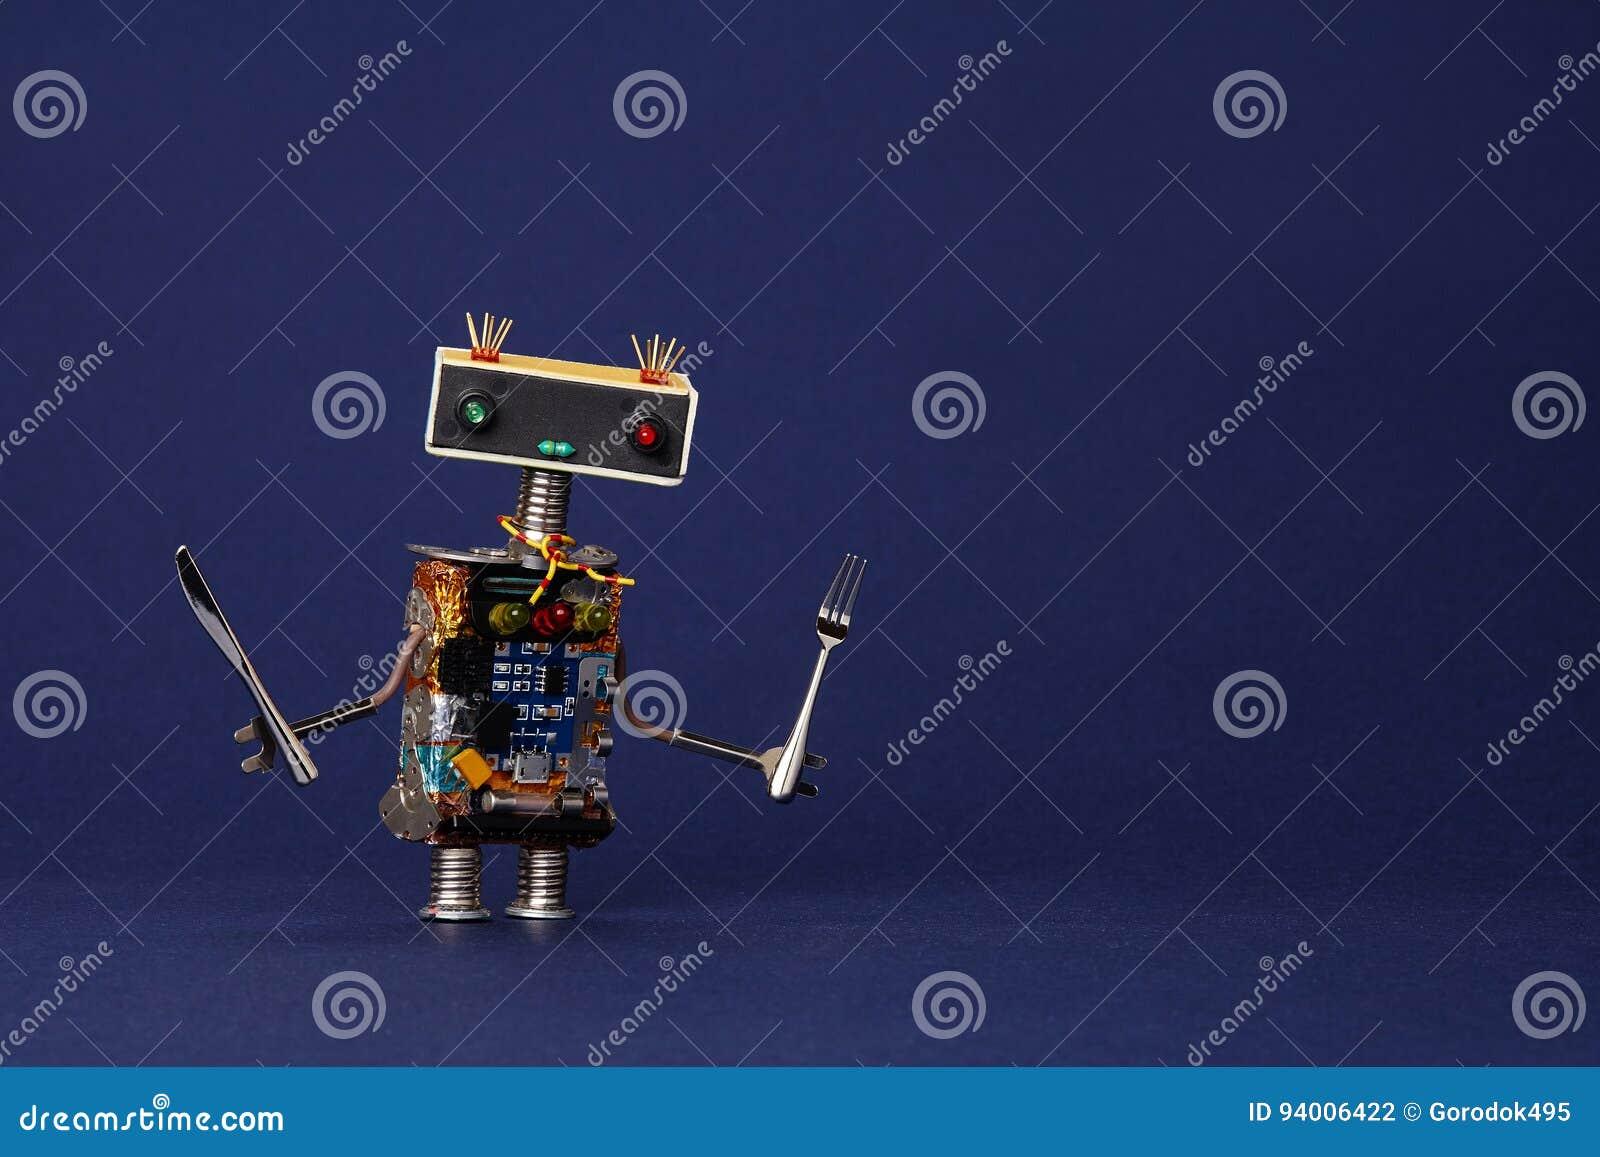 Camarero amistoso del robot con la bifurcación y el cuchillo Carácter de cocinar lindo del juguete del cocinero de la cocina del